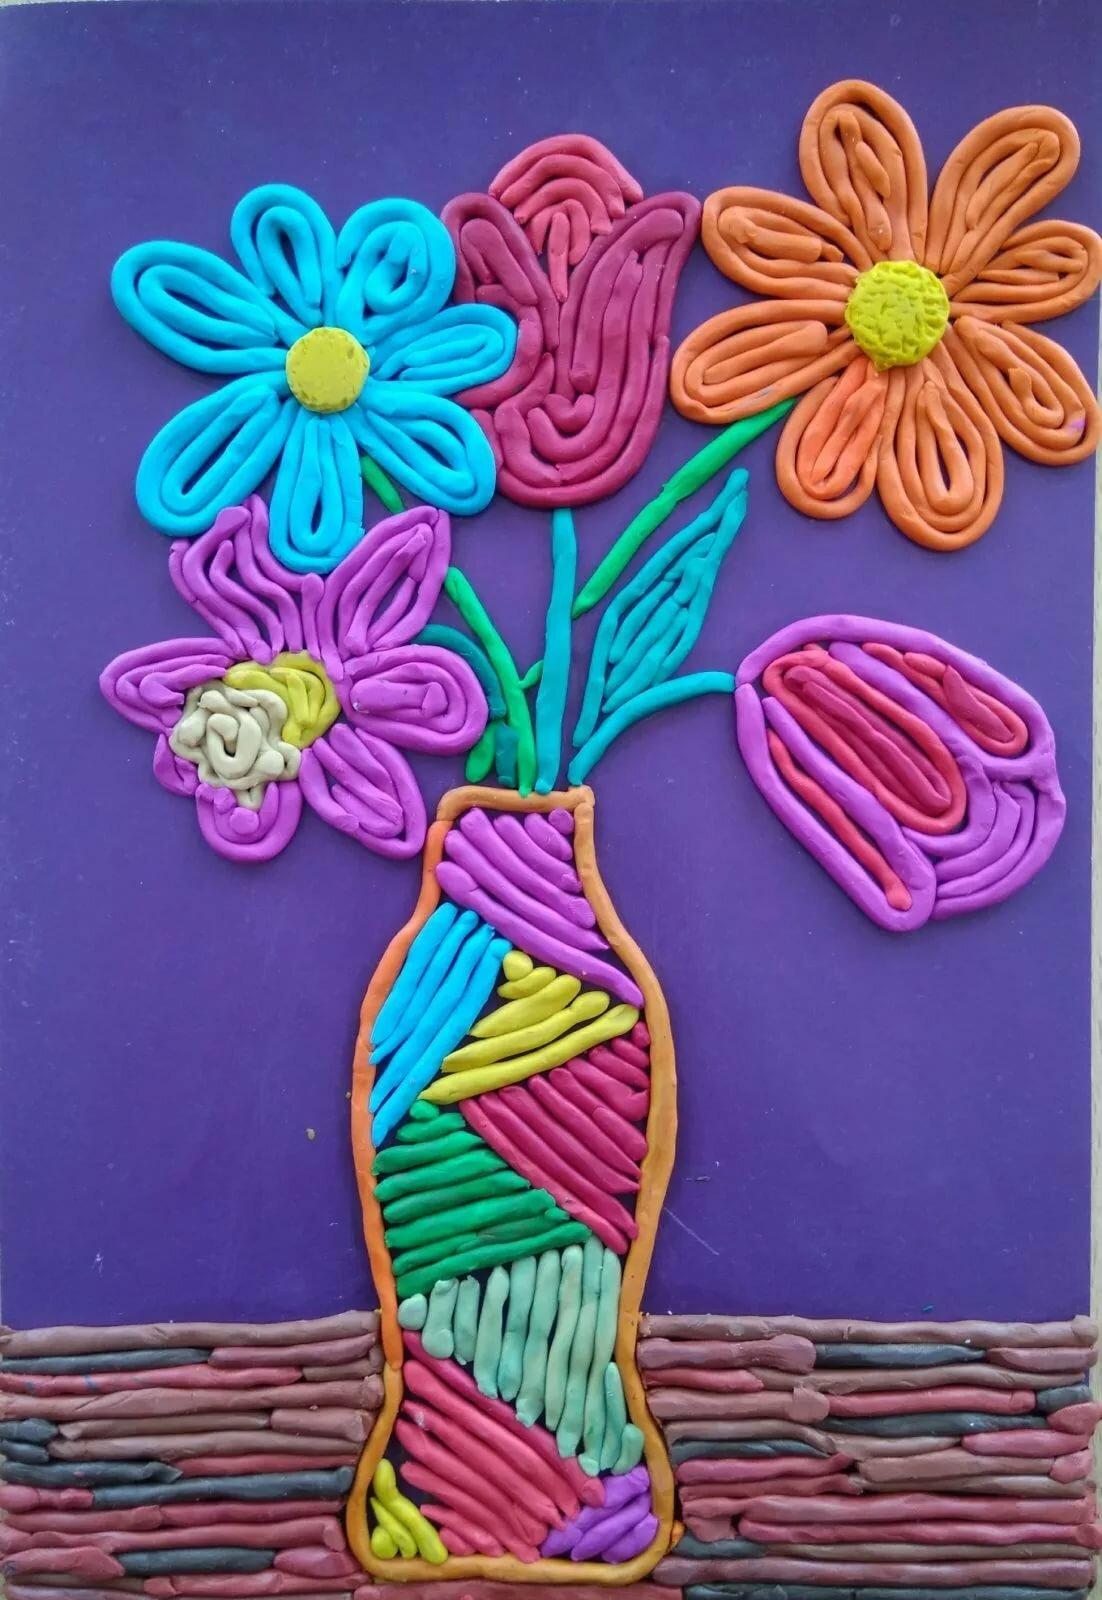 Пластилиновая живопись как способ выразить себя творчески